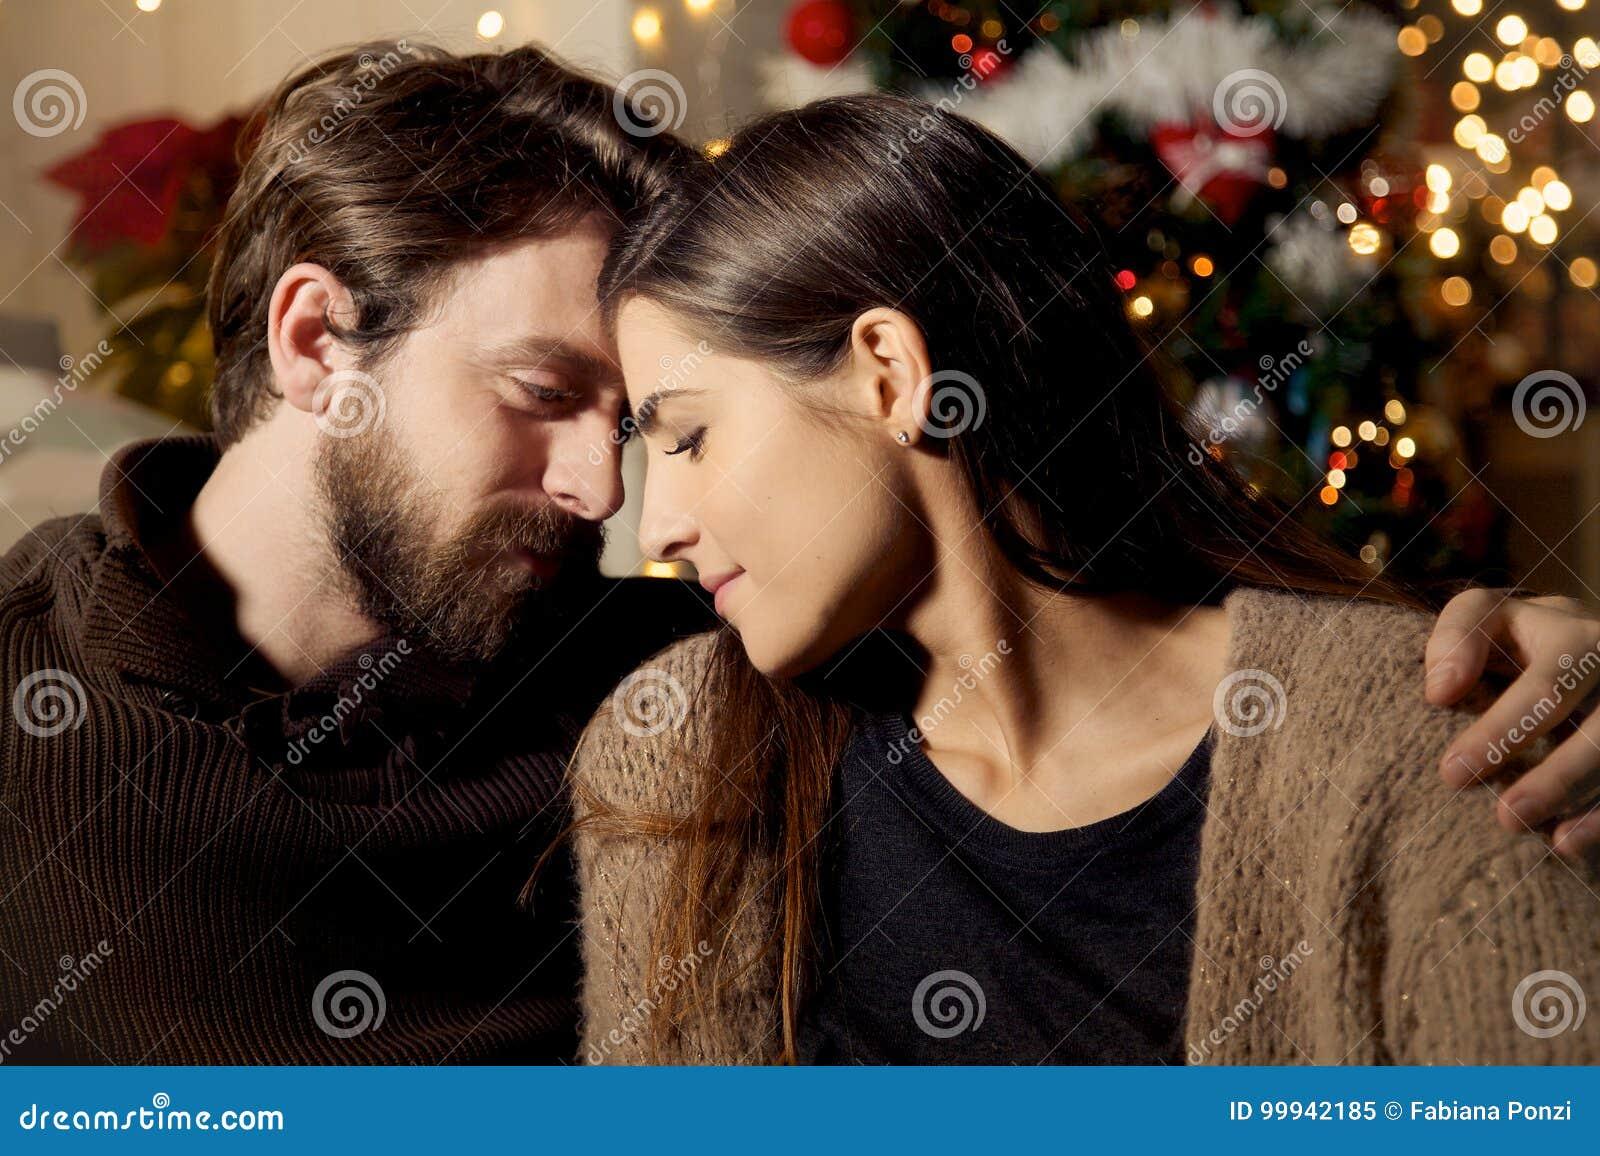 μαύρο κορίτσι dating ασιατικό άντρας χριστιανική dating στο Έντμοντον Αλμπέρτα